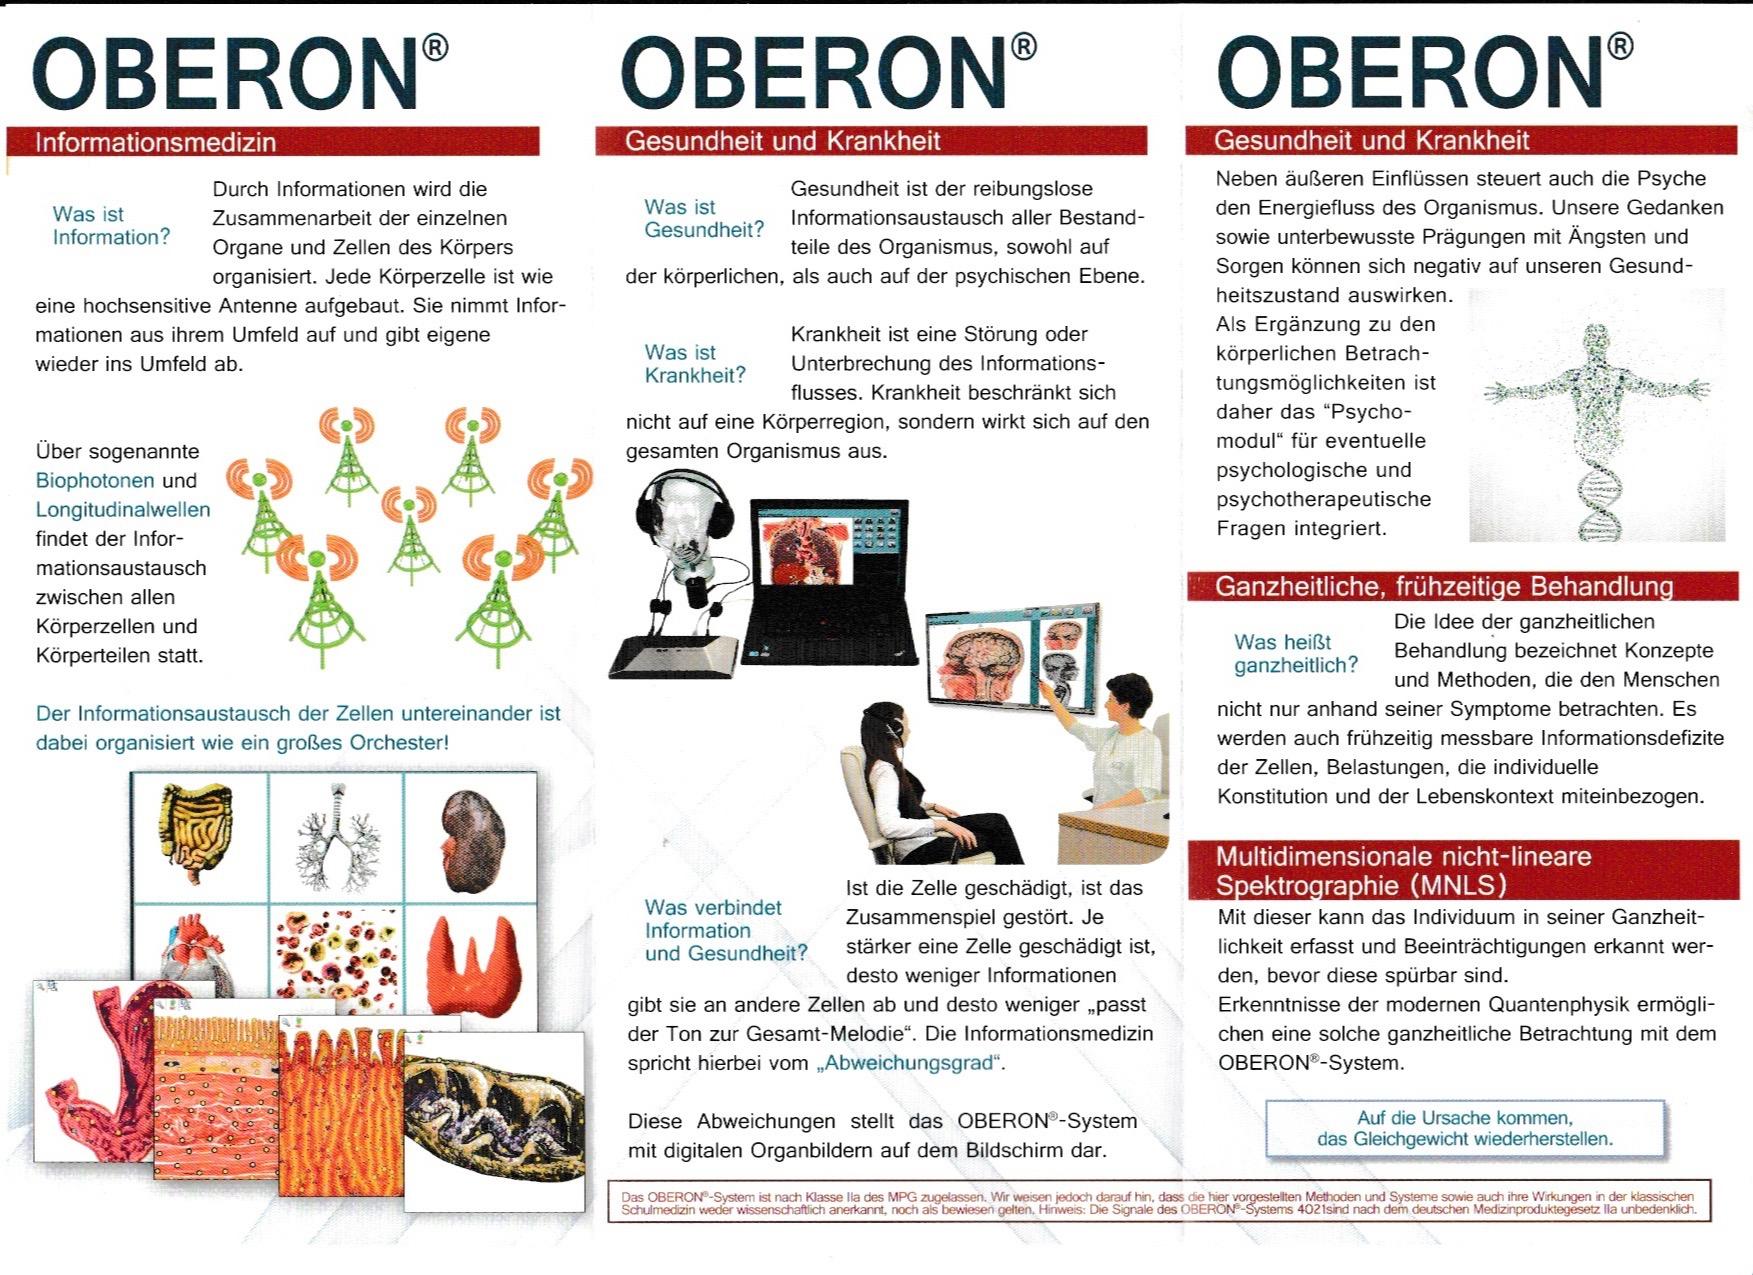 Oberon 2